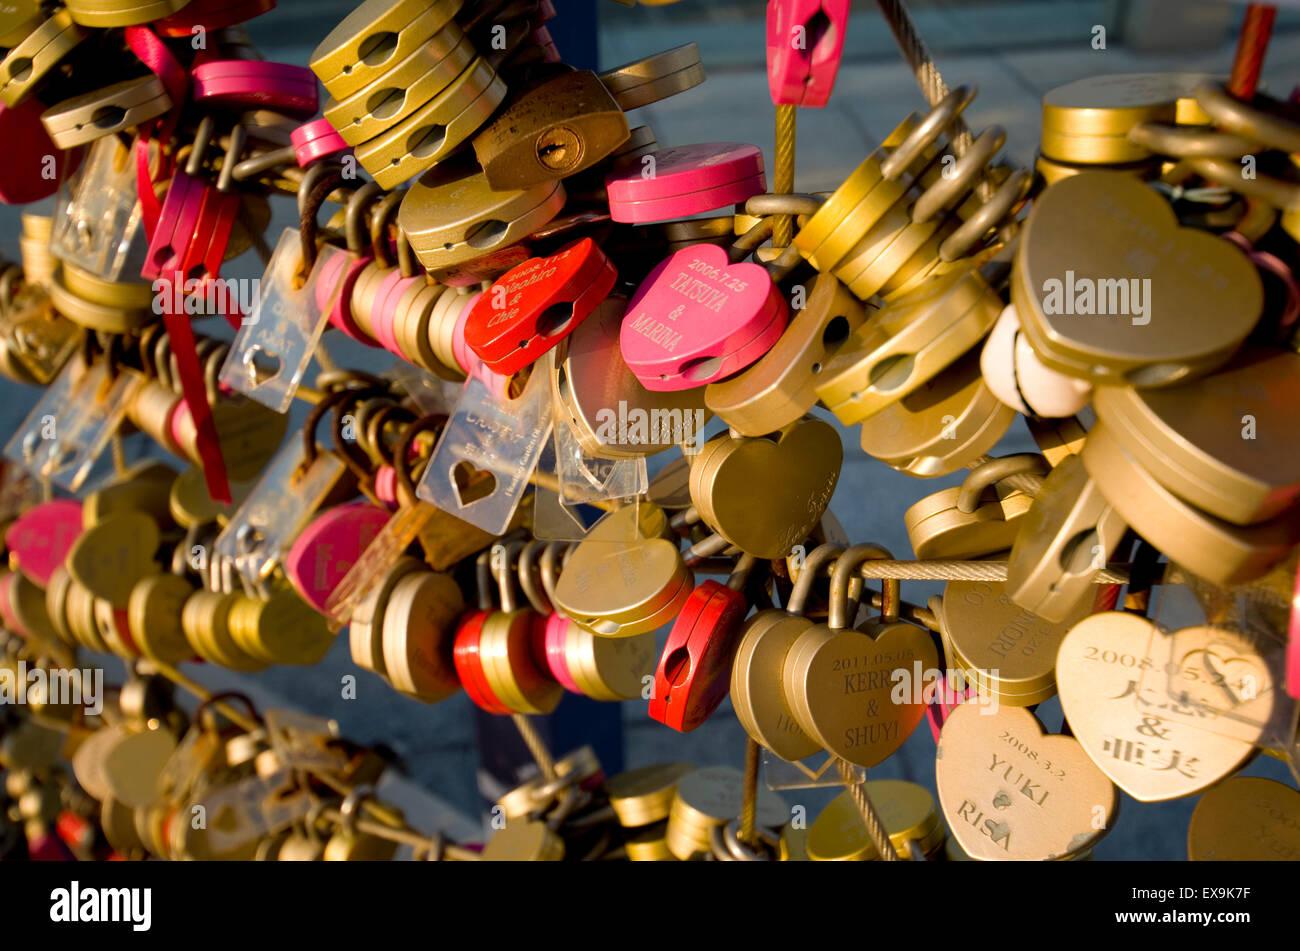 love-locks-at-the-top-of-umeda-sky-build